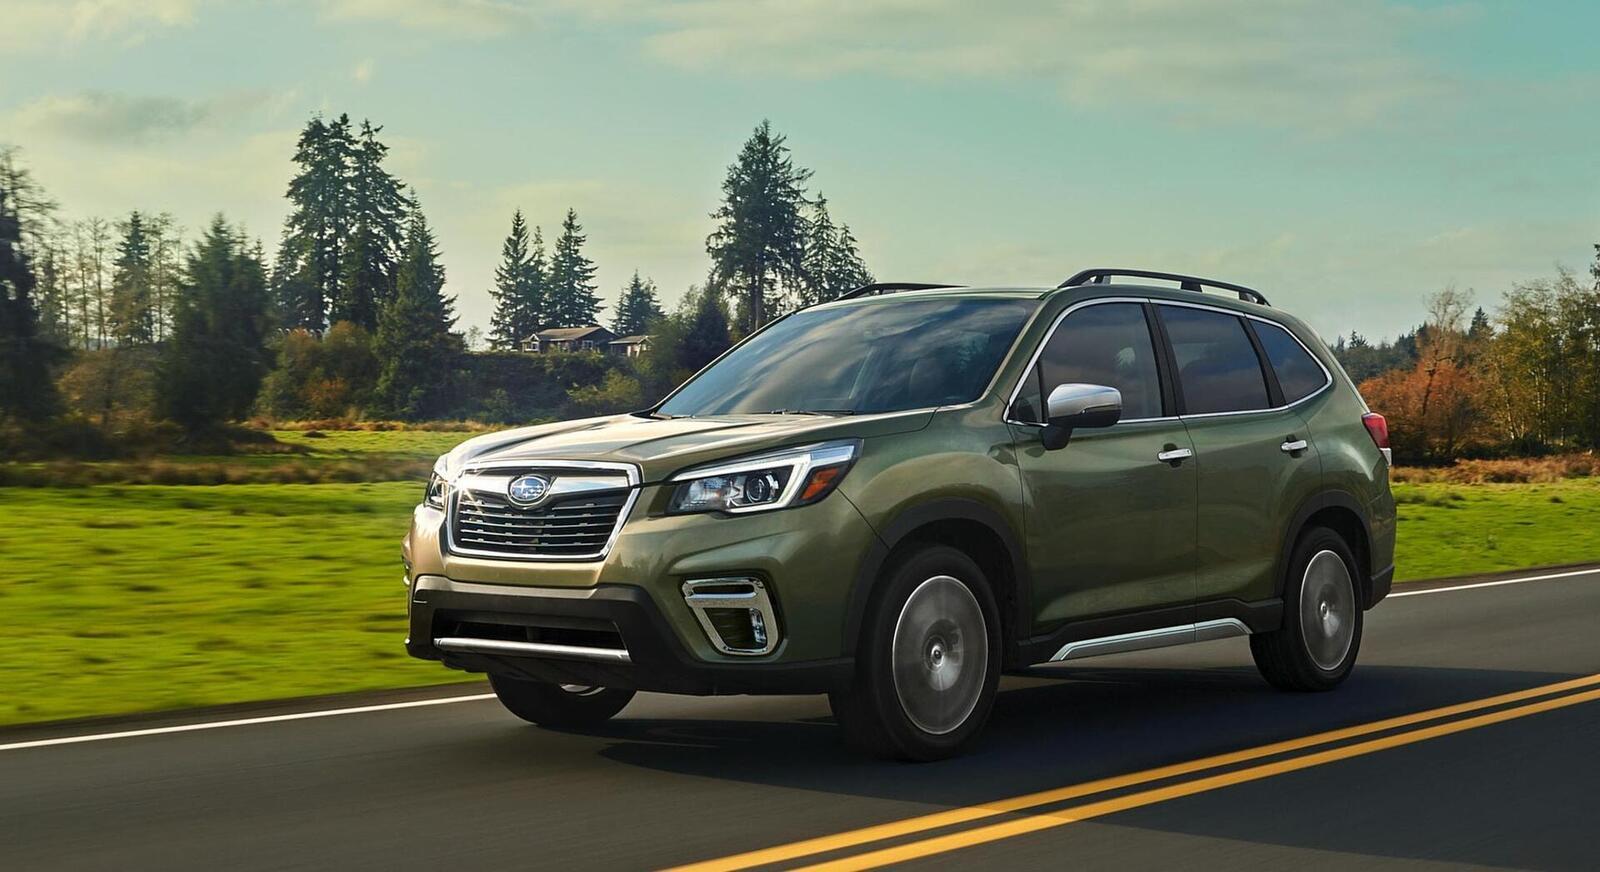 Sự khác biệt giữa Subaru Forester thế hệ mới và cũ - Hình 3